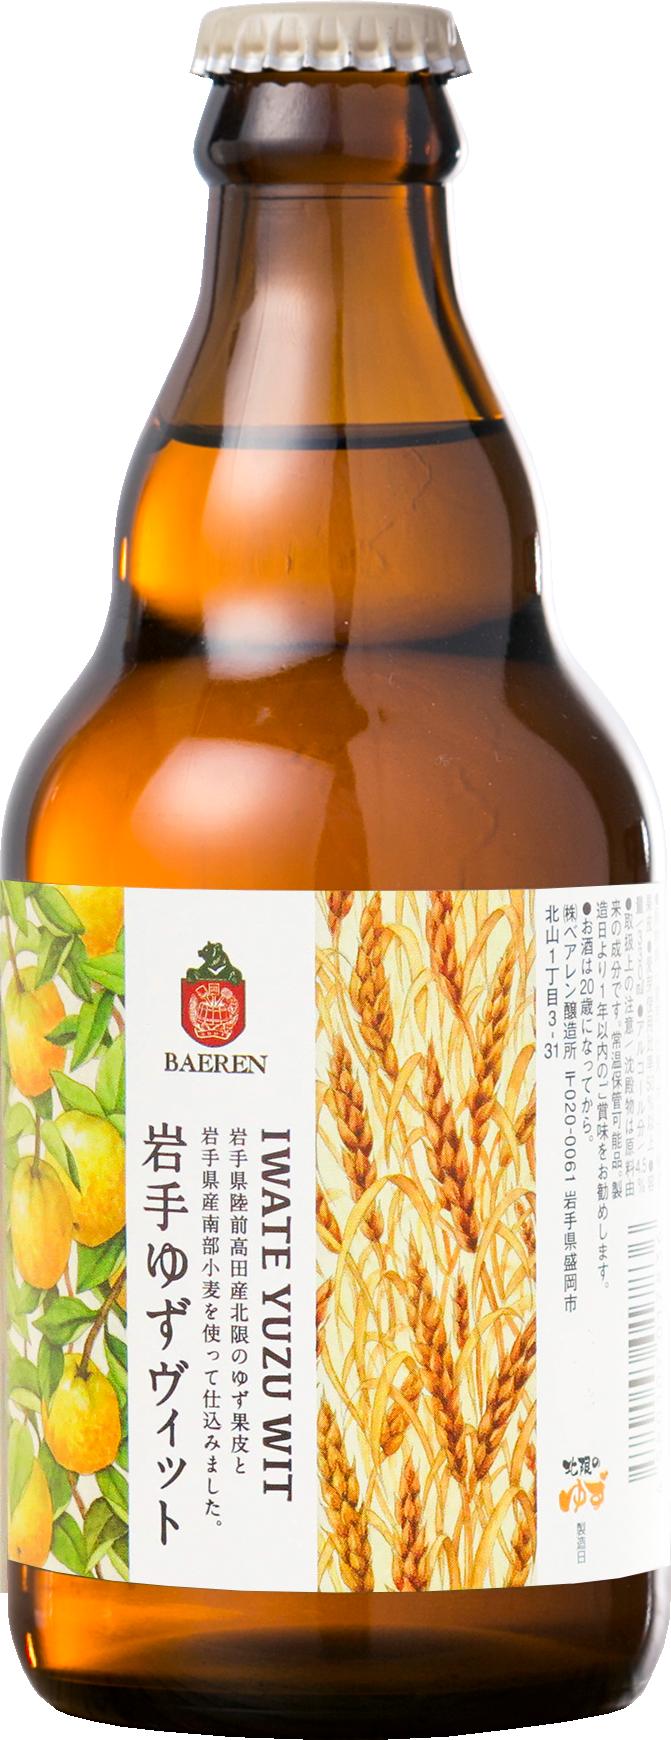 Baeren yuzu wit beerボトル-岩手ゆずヴィット.png